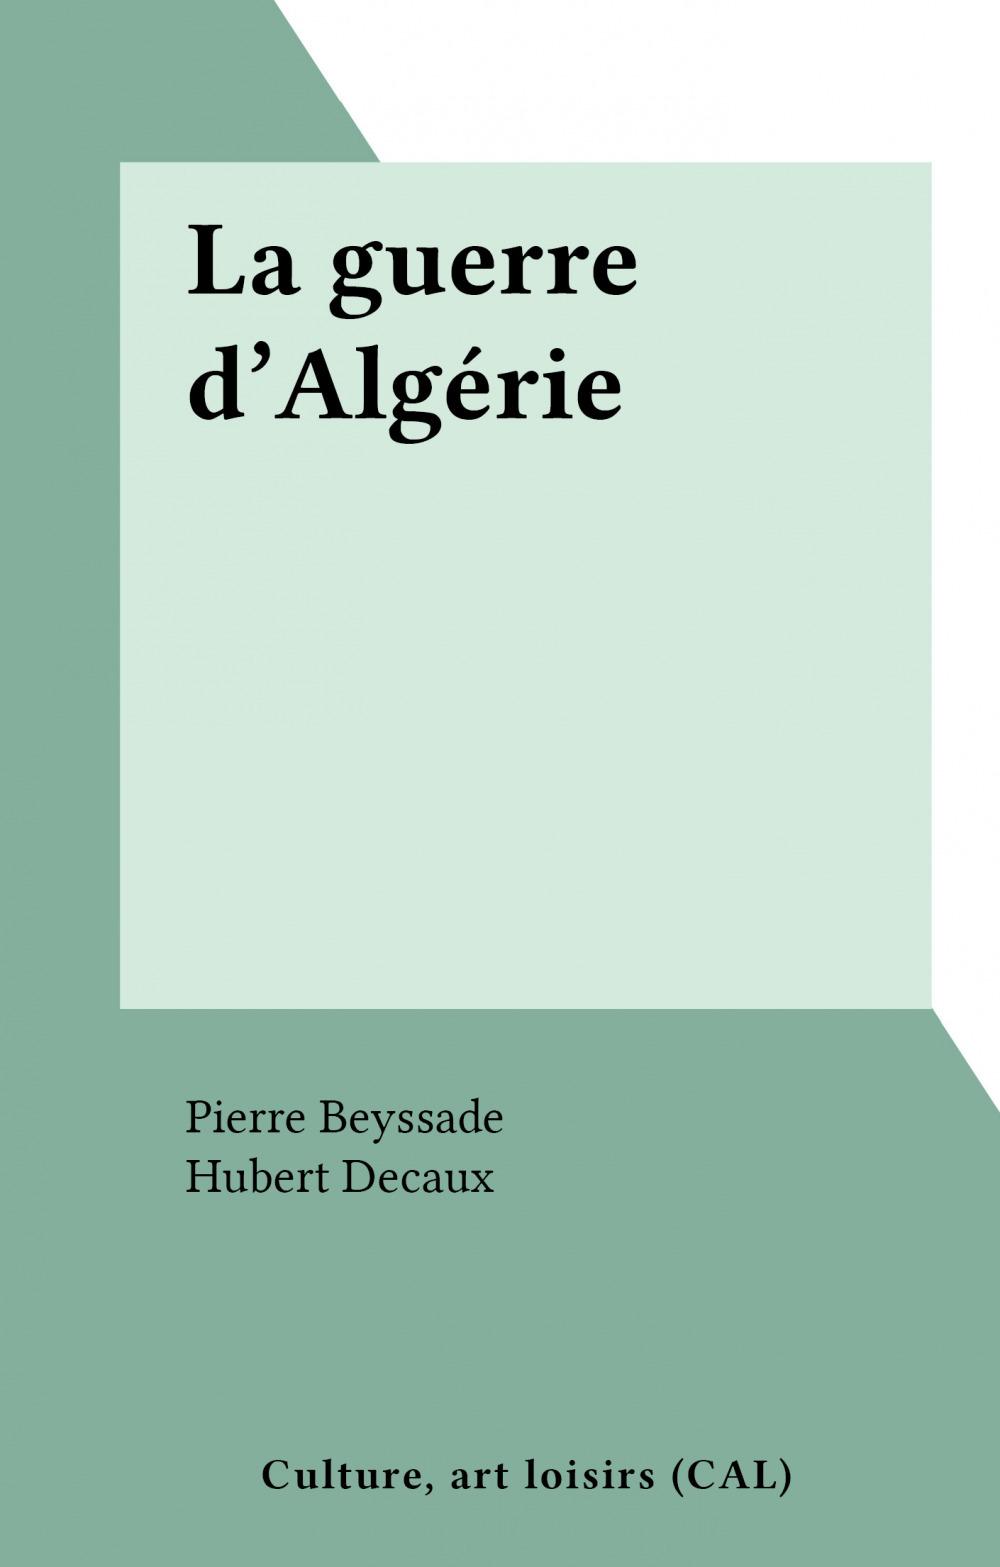 La guerre d'Algérie  - Pierre Beyssade